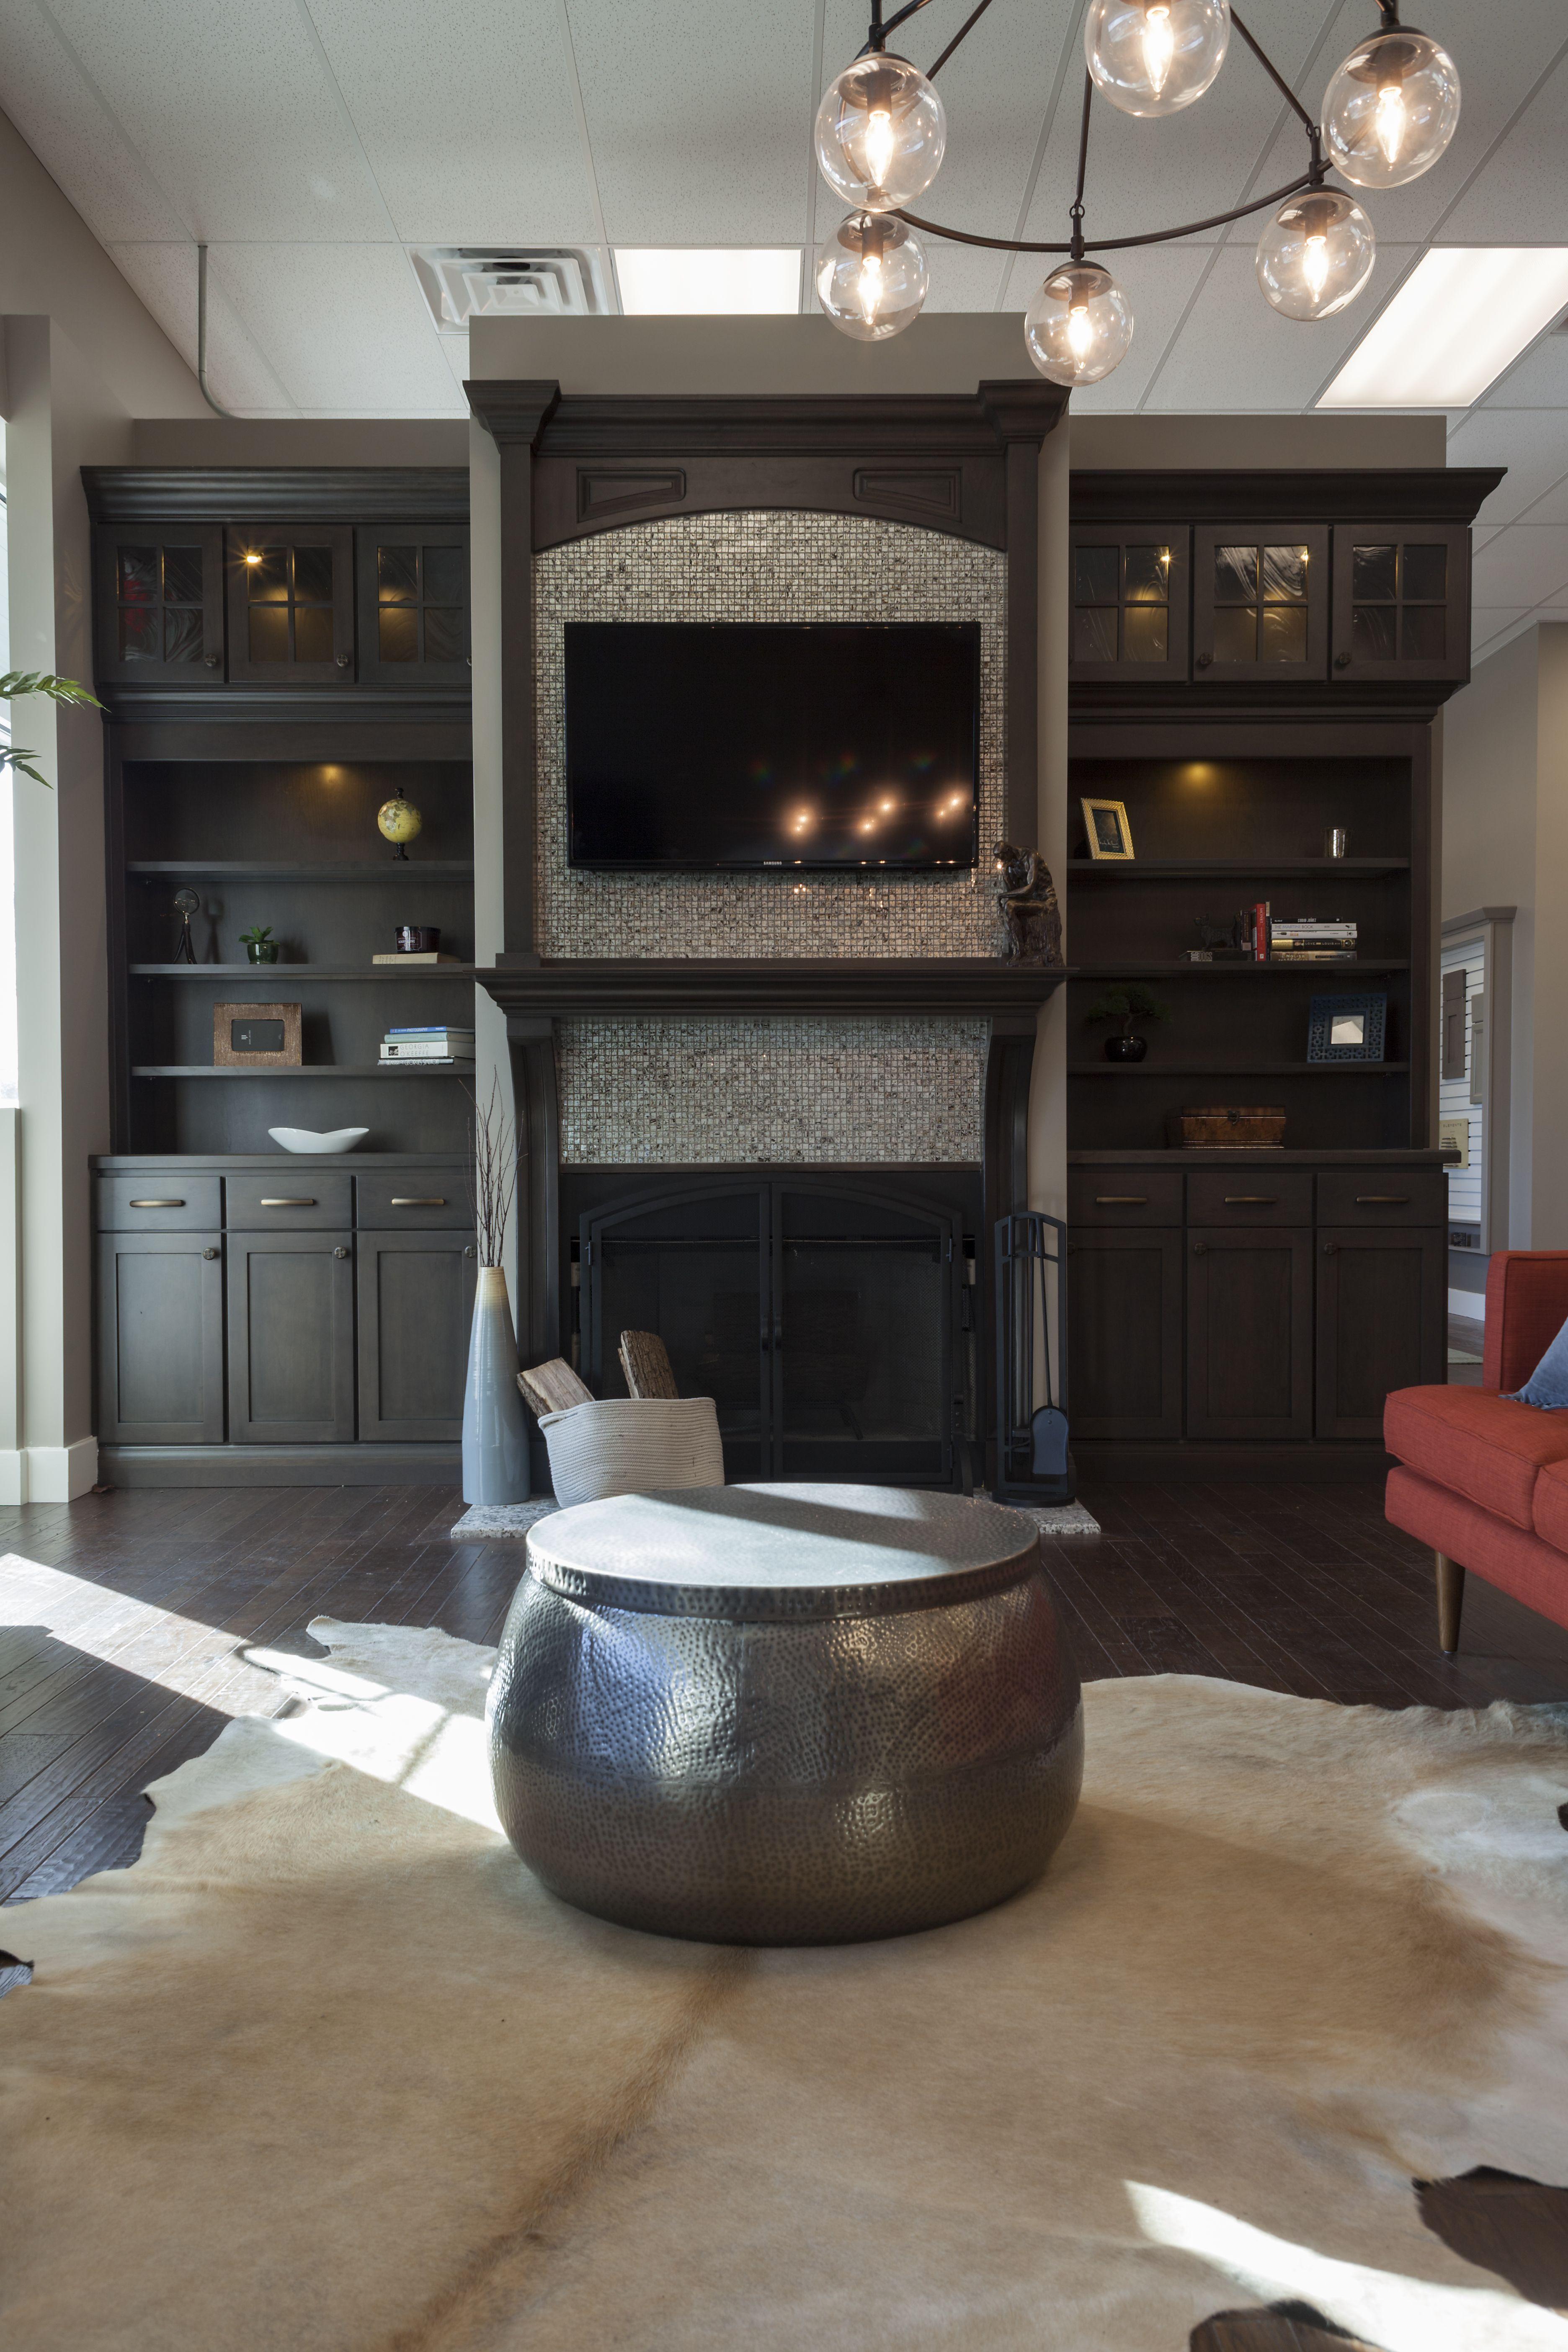 Markraft Design Center Home Remodeling Cabinet Design Kitchens Bathrooms